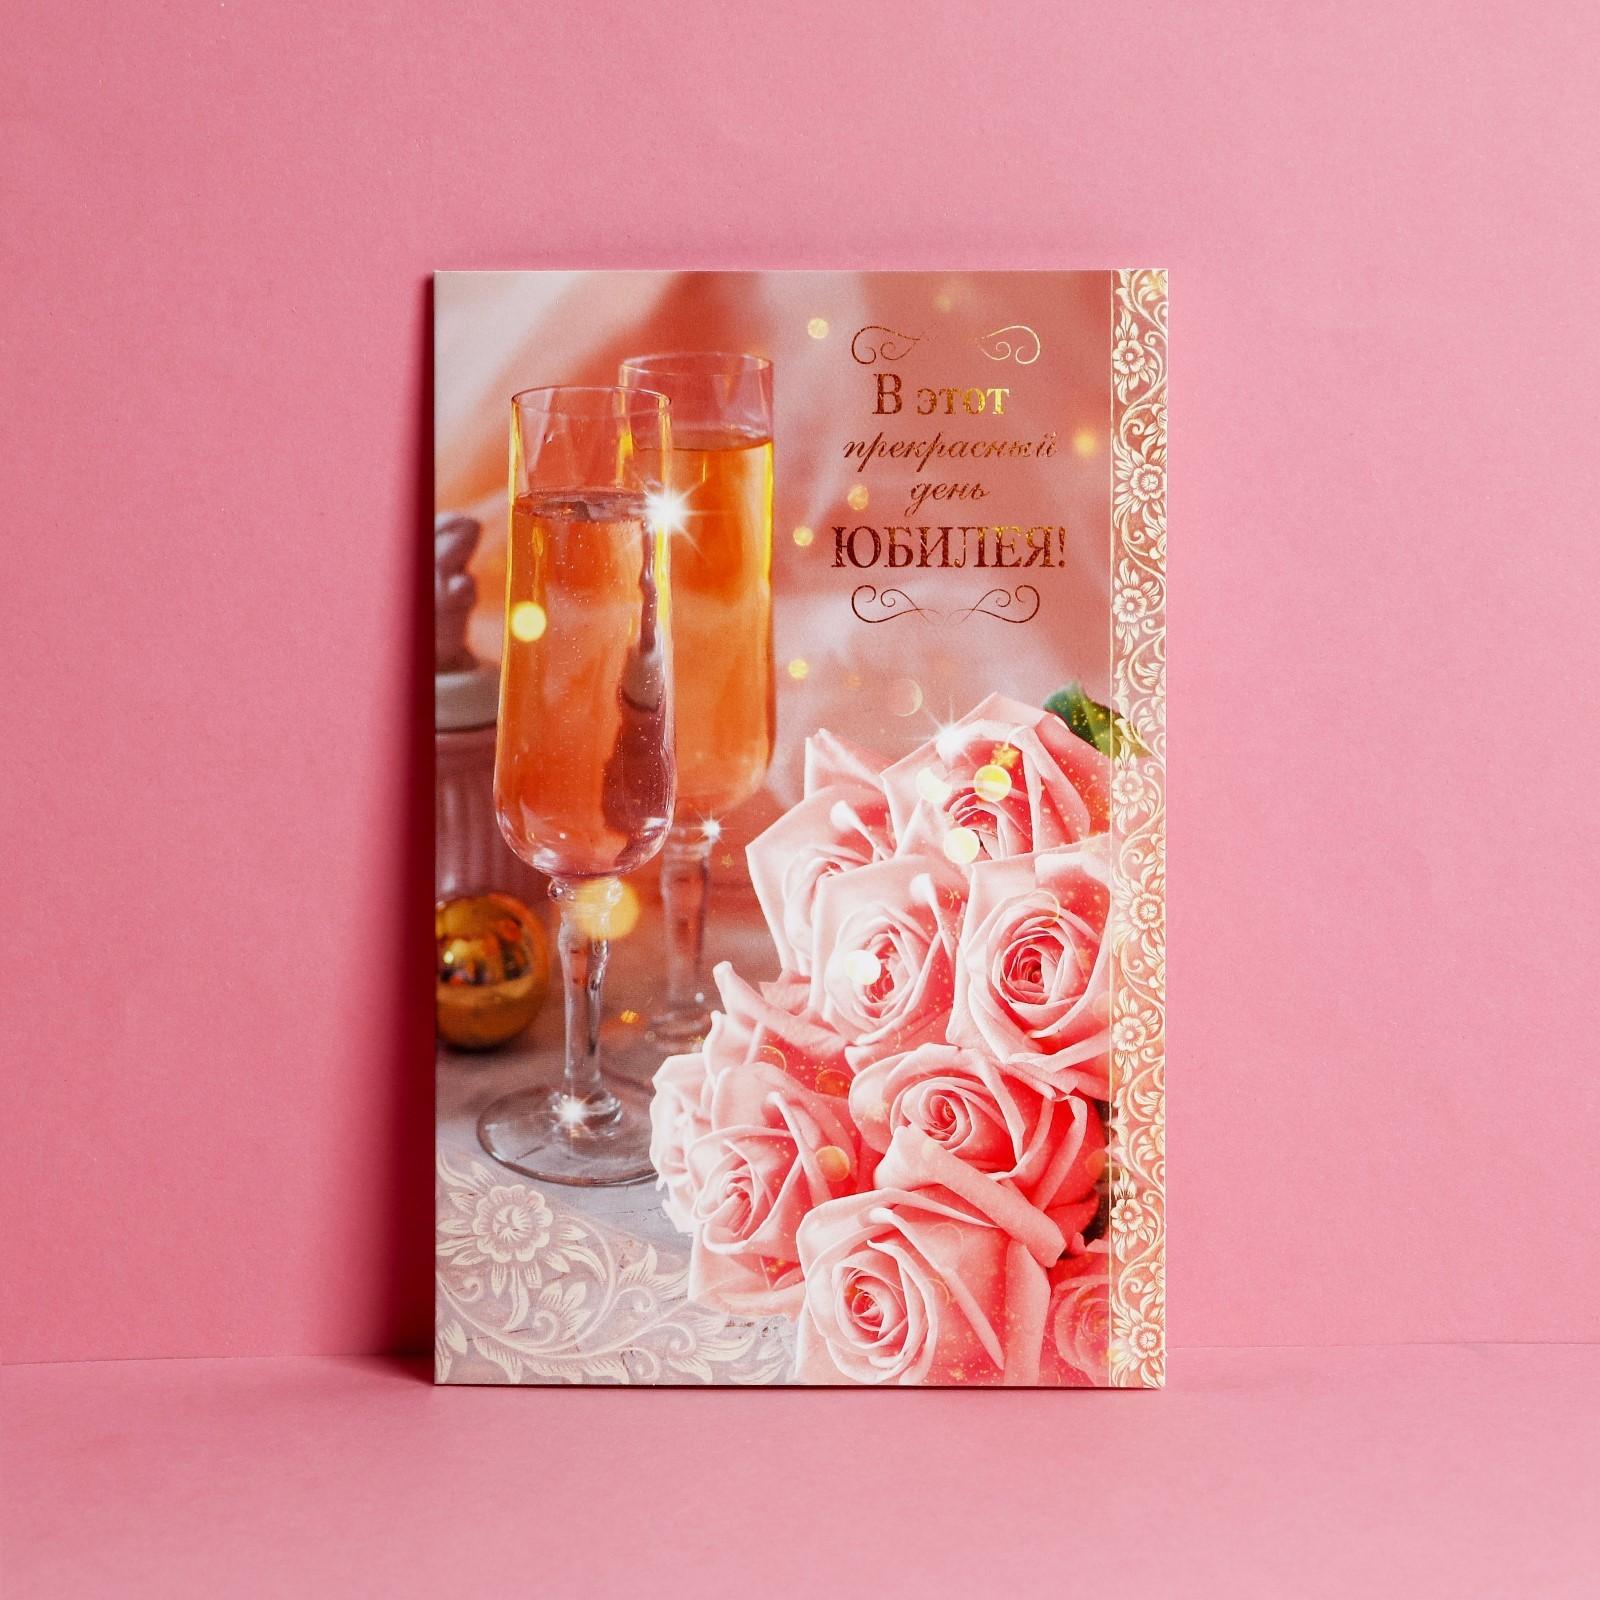 Открытка в прекрасный день юбилея, картинки для открыток